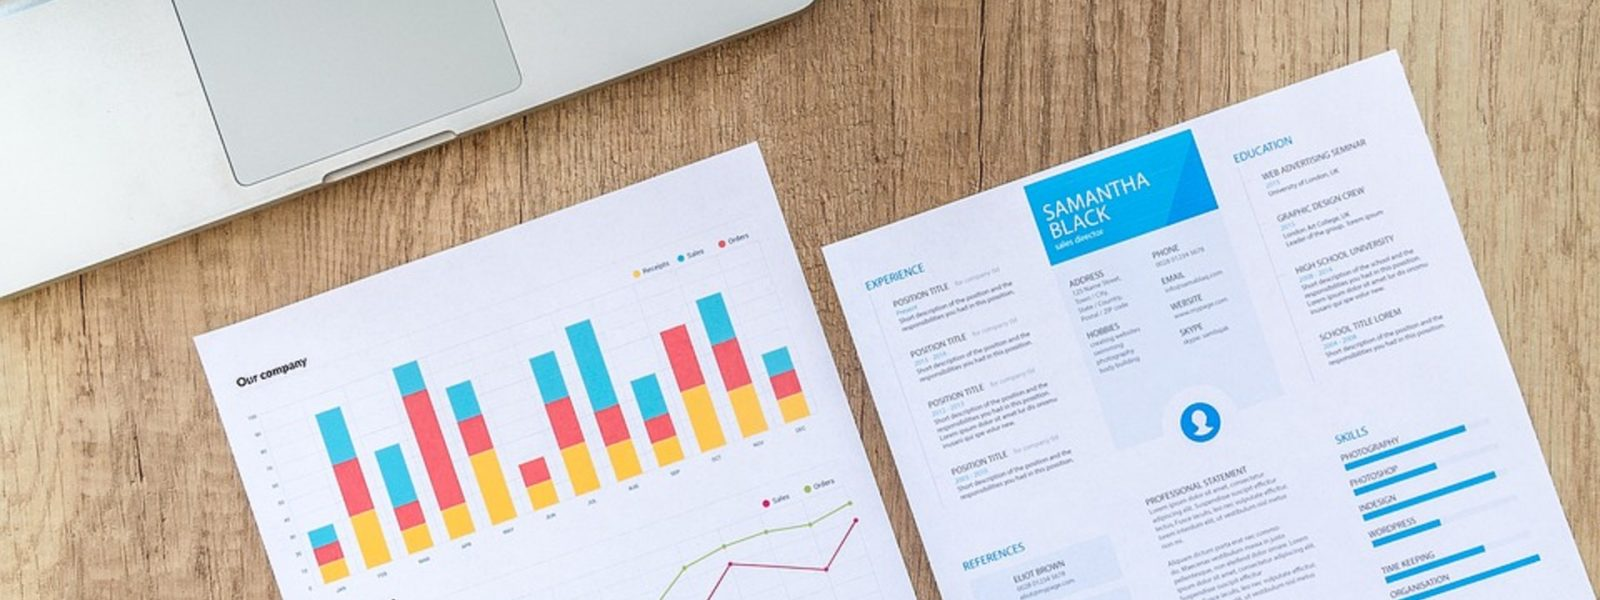 JAK NA RODINNÝ ROZPOČET 2. DÍL: Je důležité mít jasné cíle rodinného rozpočtu a jak je správně stanovit.